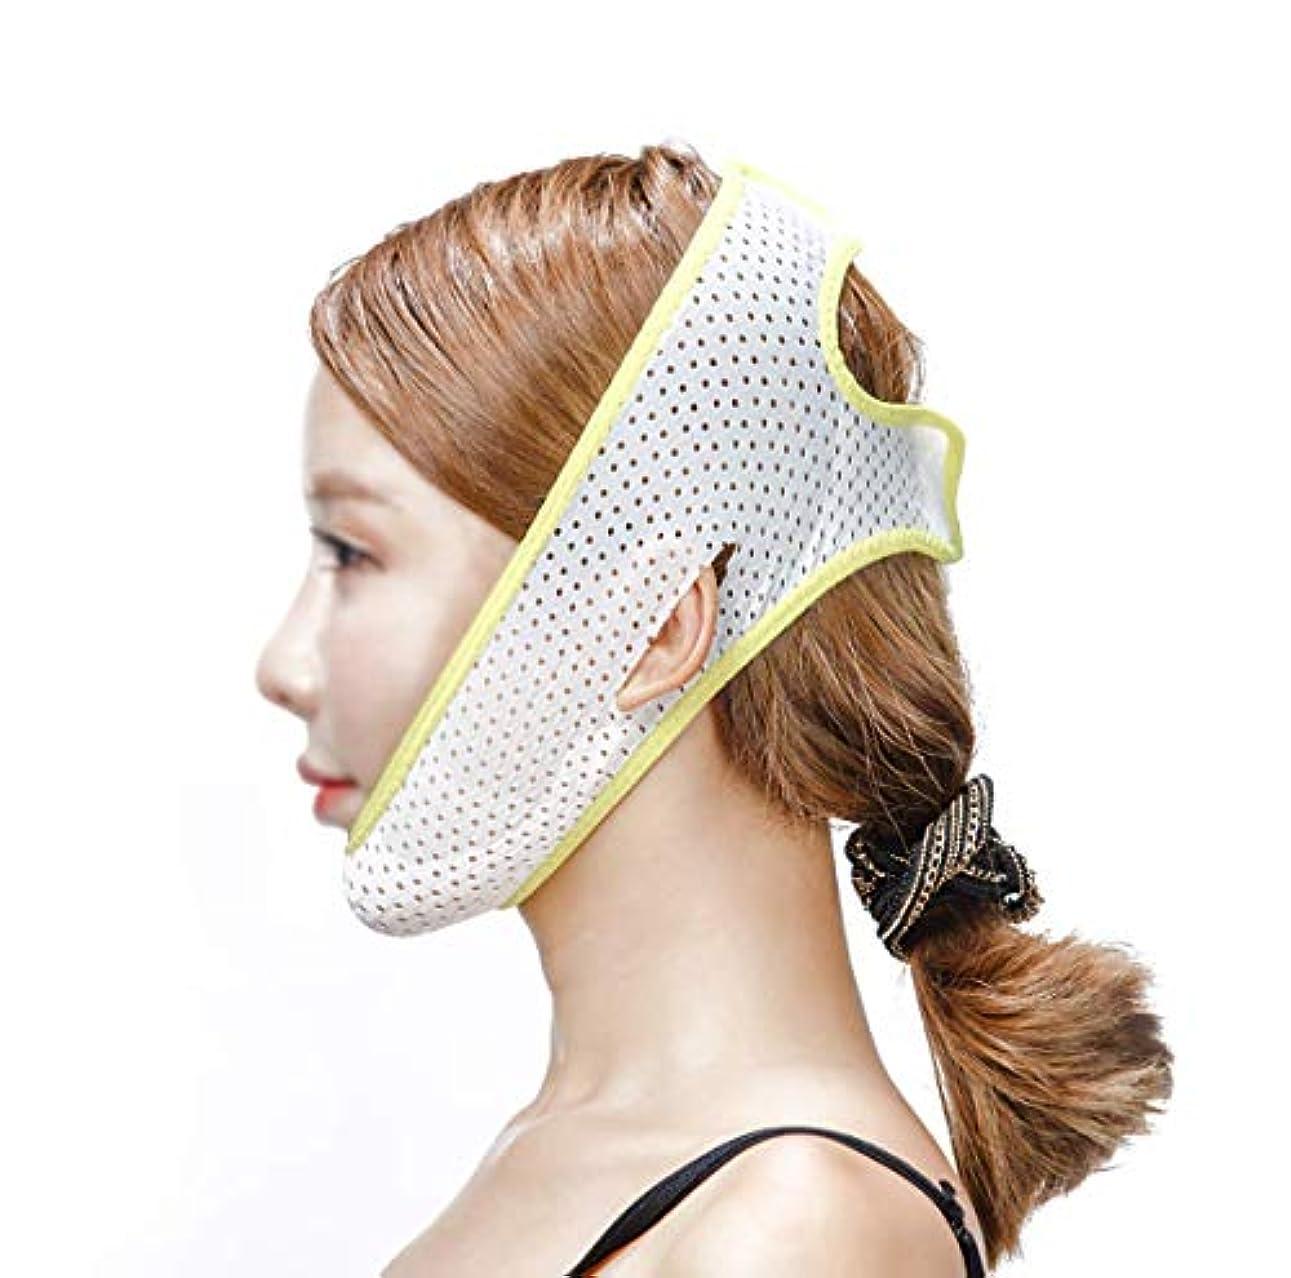 隔離するヶ月目車両フェイスリフトマスク、あごストラップ回復包帯睡眠薄いフェイス包帯薄いフェイスマスクフェイスリフトアーチファクトフェイスリフトで小さなV顔を強化する美容マスク包帯(色:黄色と白)